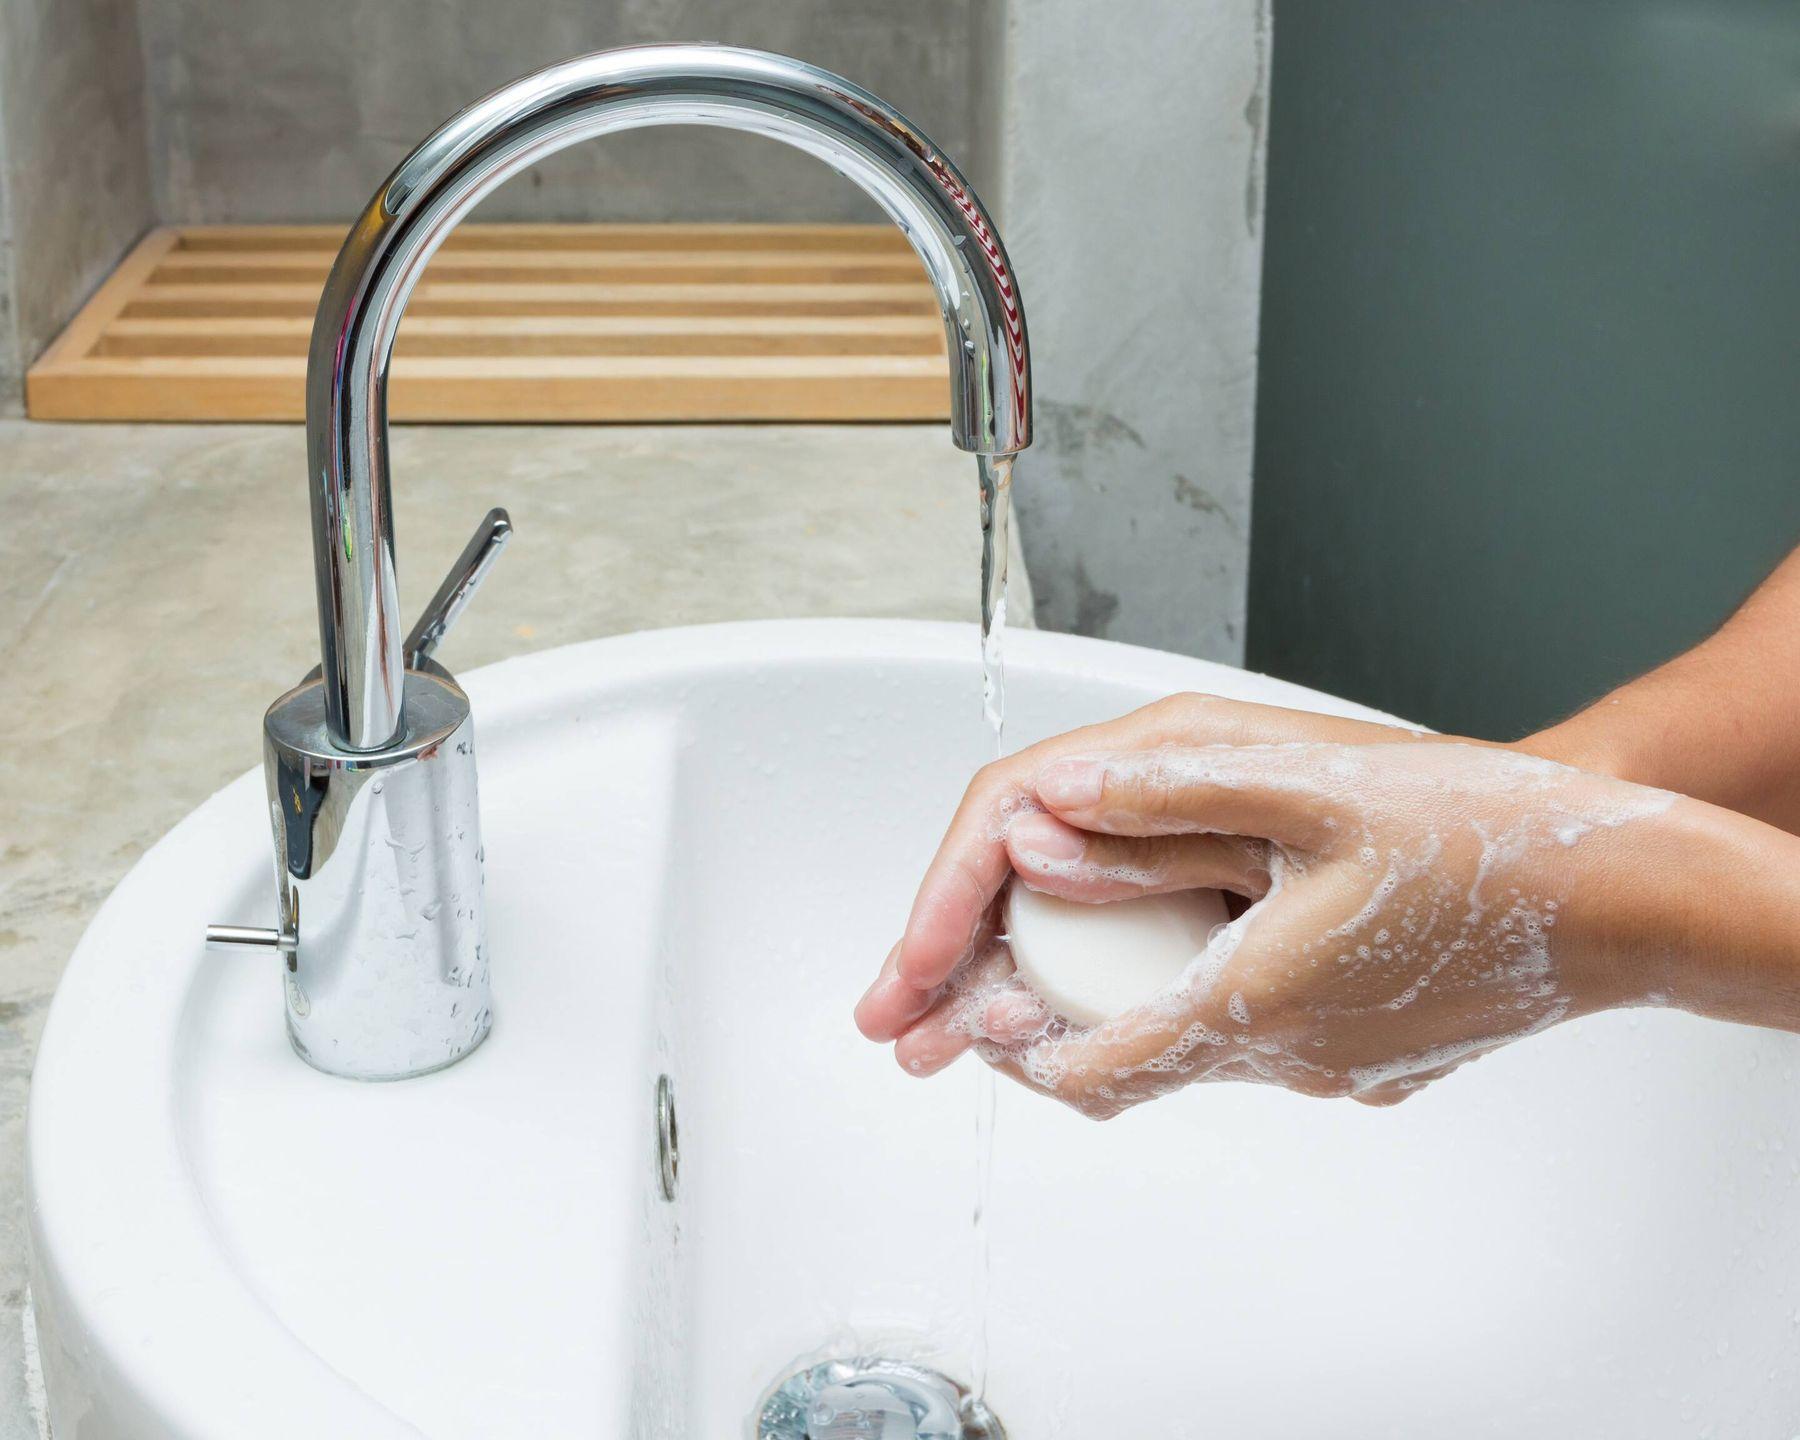 अपने घर को कीटाणुओं और संक्रमण से कैसे बचाएं | क्लीएनीपीडिया